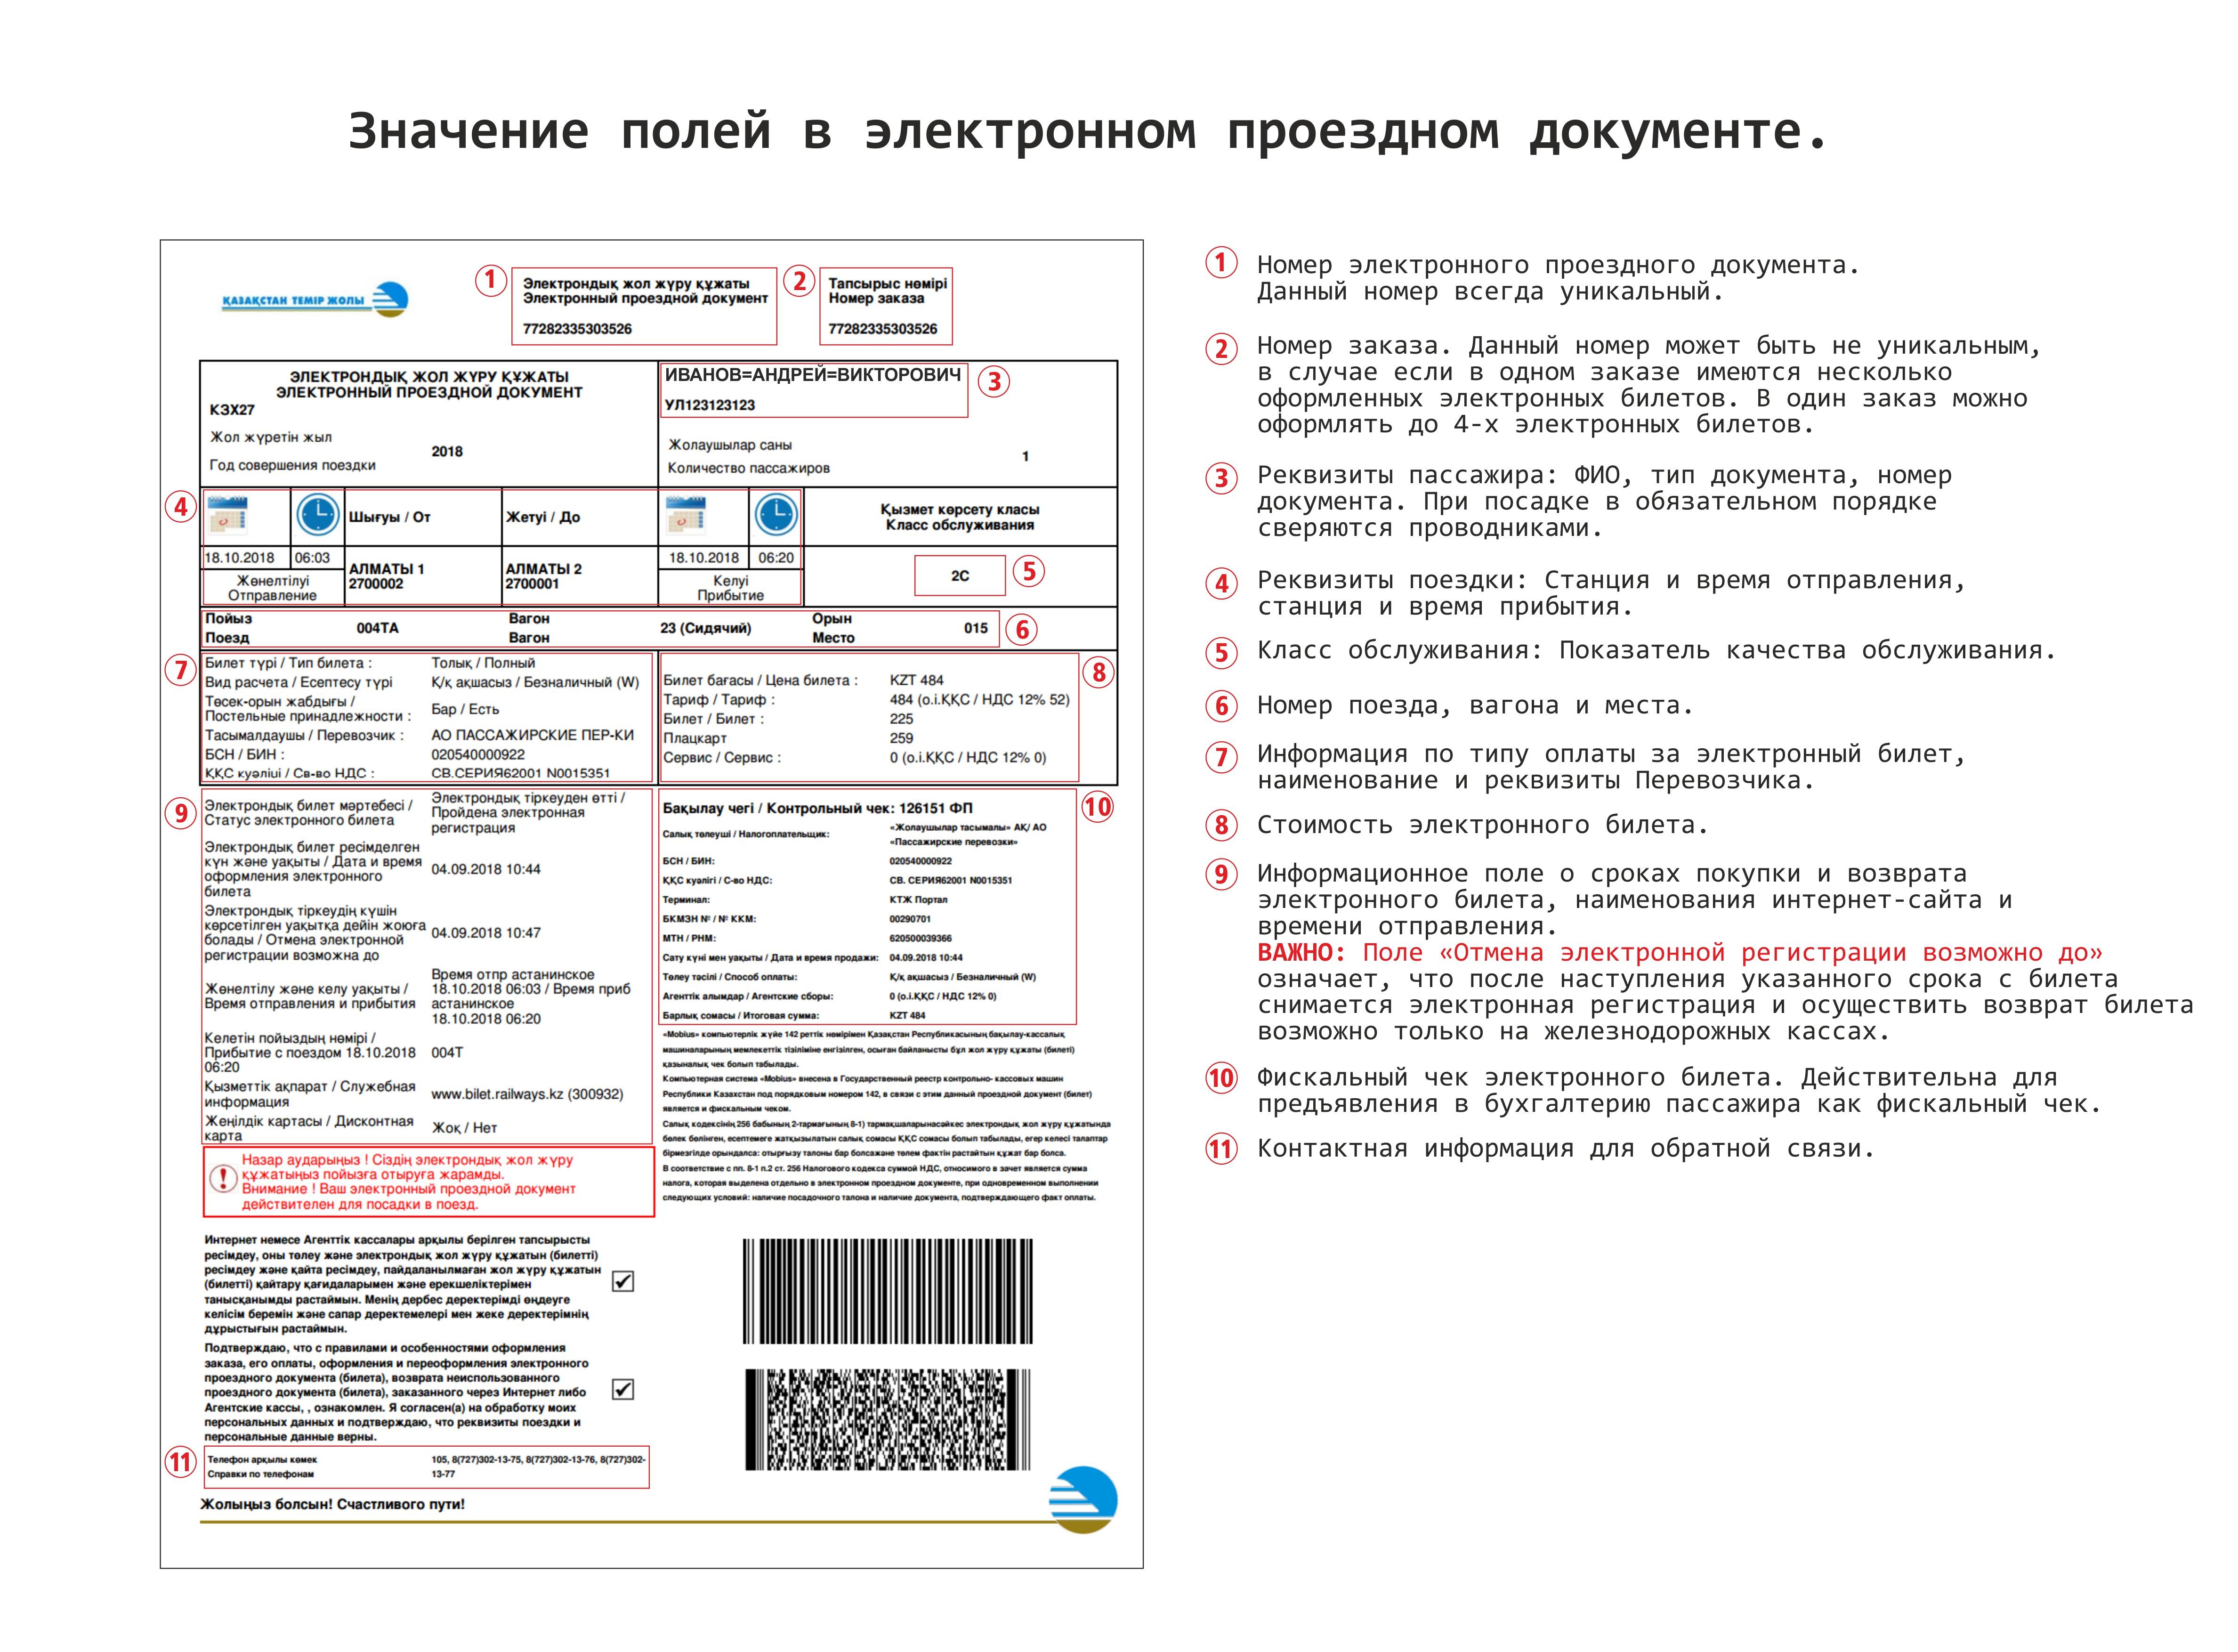 Как купить электронный билет на поезд без комиссии аренда автомобиля с экипажем и без экипажа отличия для бухгалтера